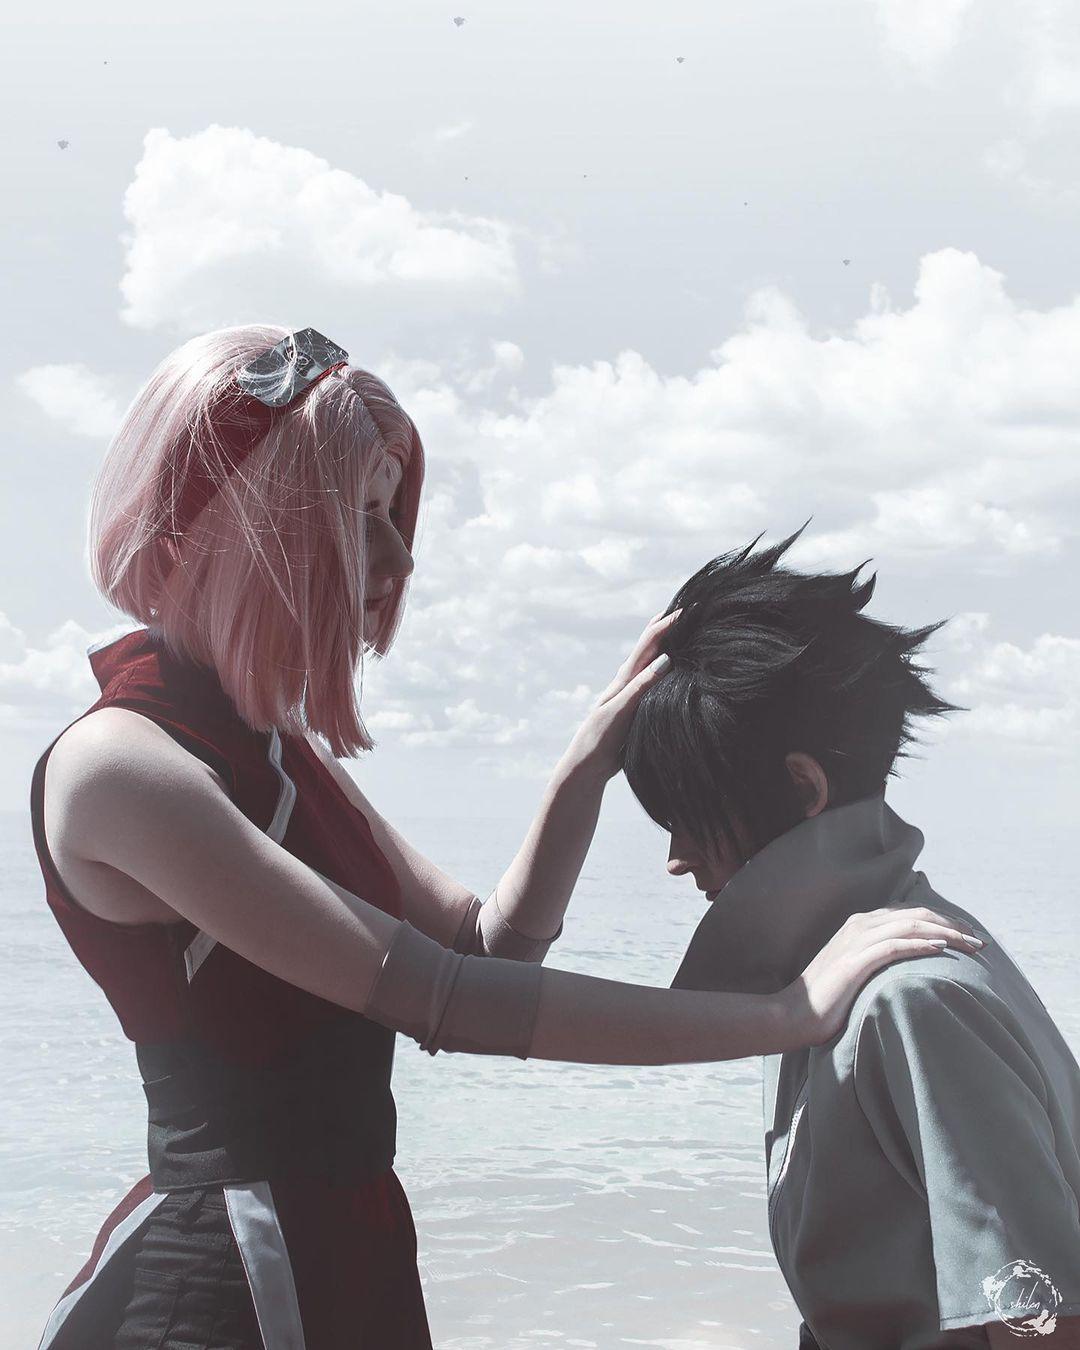 Fotografía de los cosplayers zerfika_natsuki y Jeong Eunho haciendo Sakura y Sasuke mientras ella le toca el cabello y al fondo se ve al mar.de